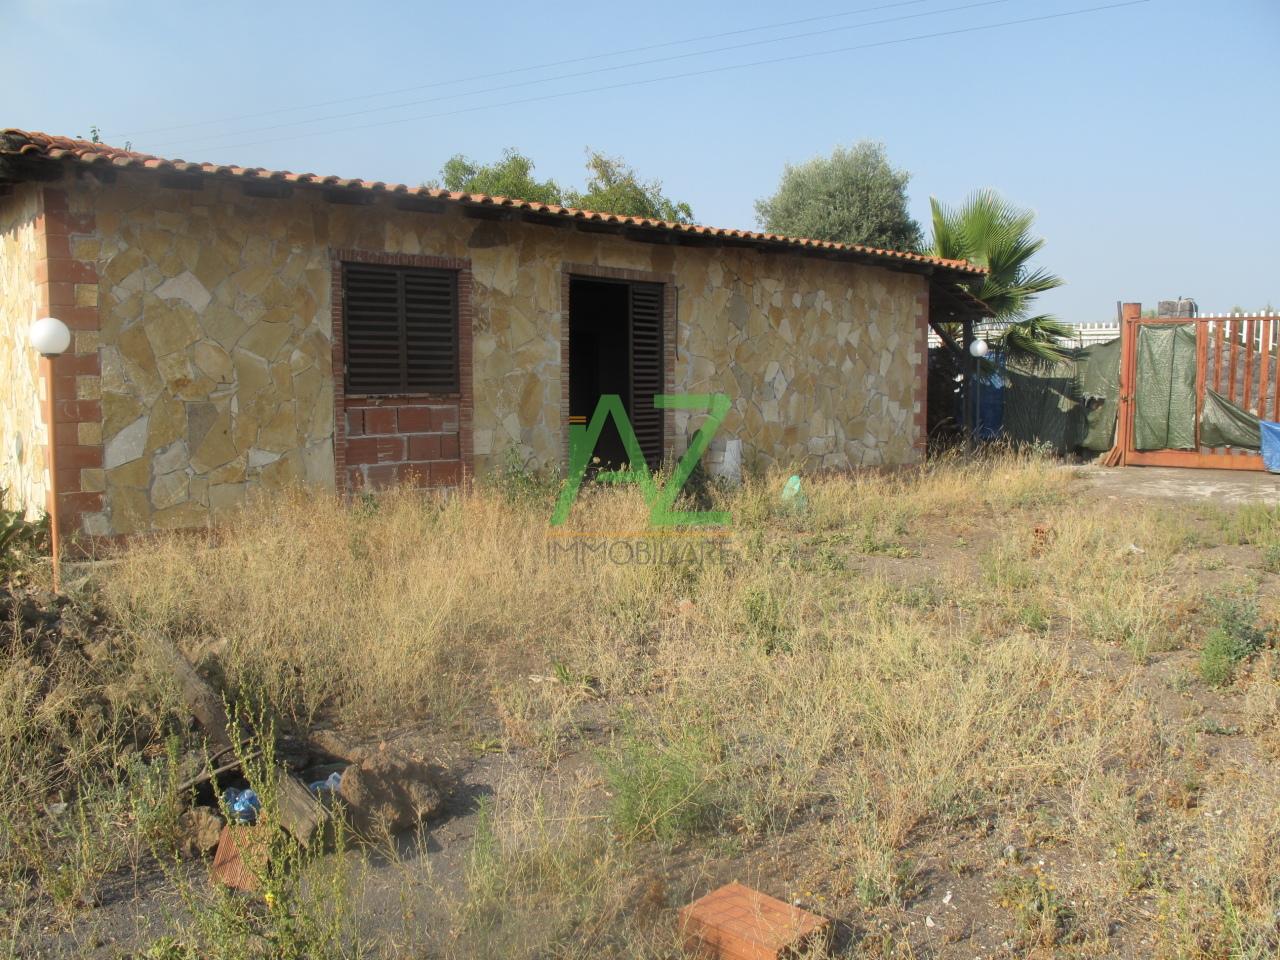 Villa in vendita a Belpasso, 9999 locali, prezzo € 129.000 | Cambio Casa.it